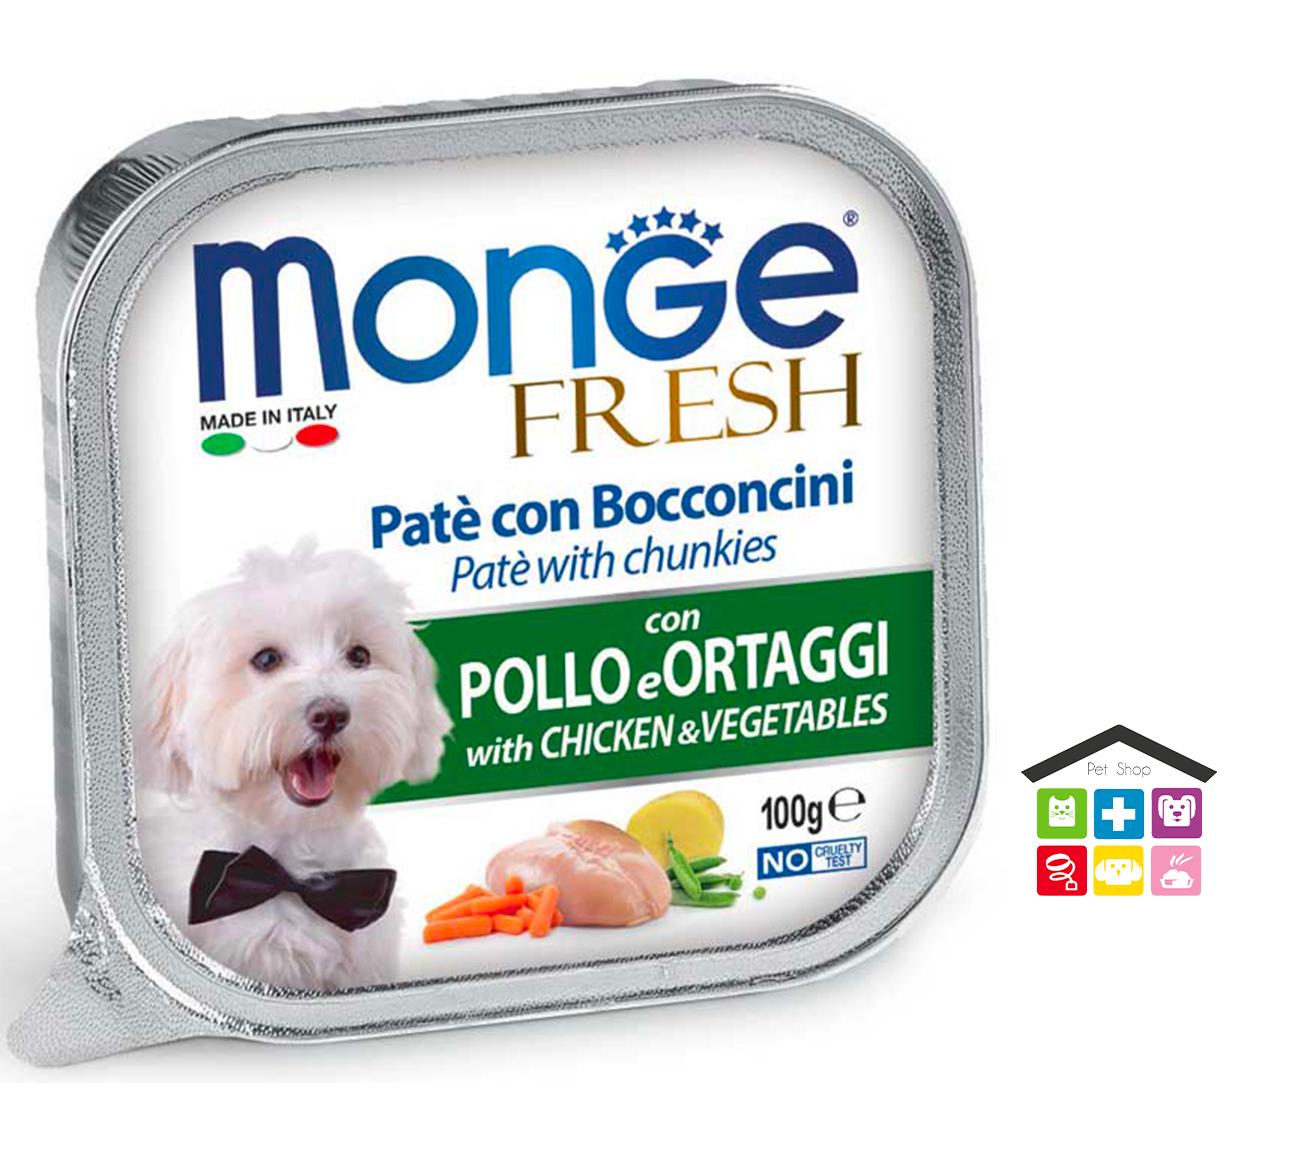 Monge fresh Paté e Bocconcini con Pollo e Ortaggi 0,100g